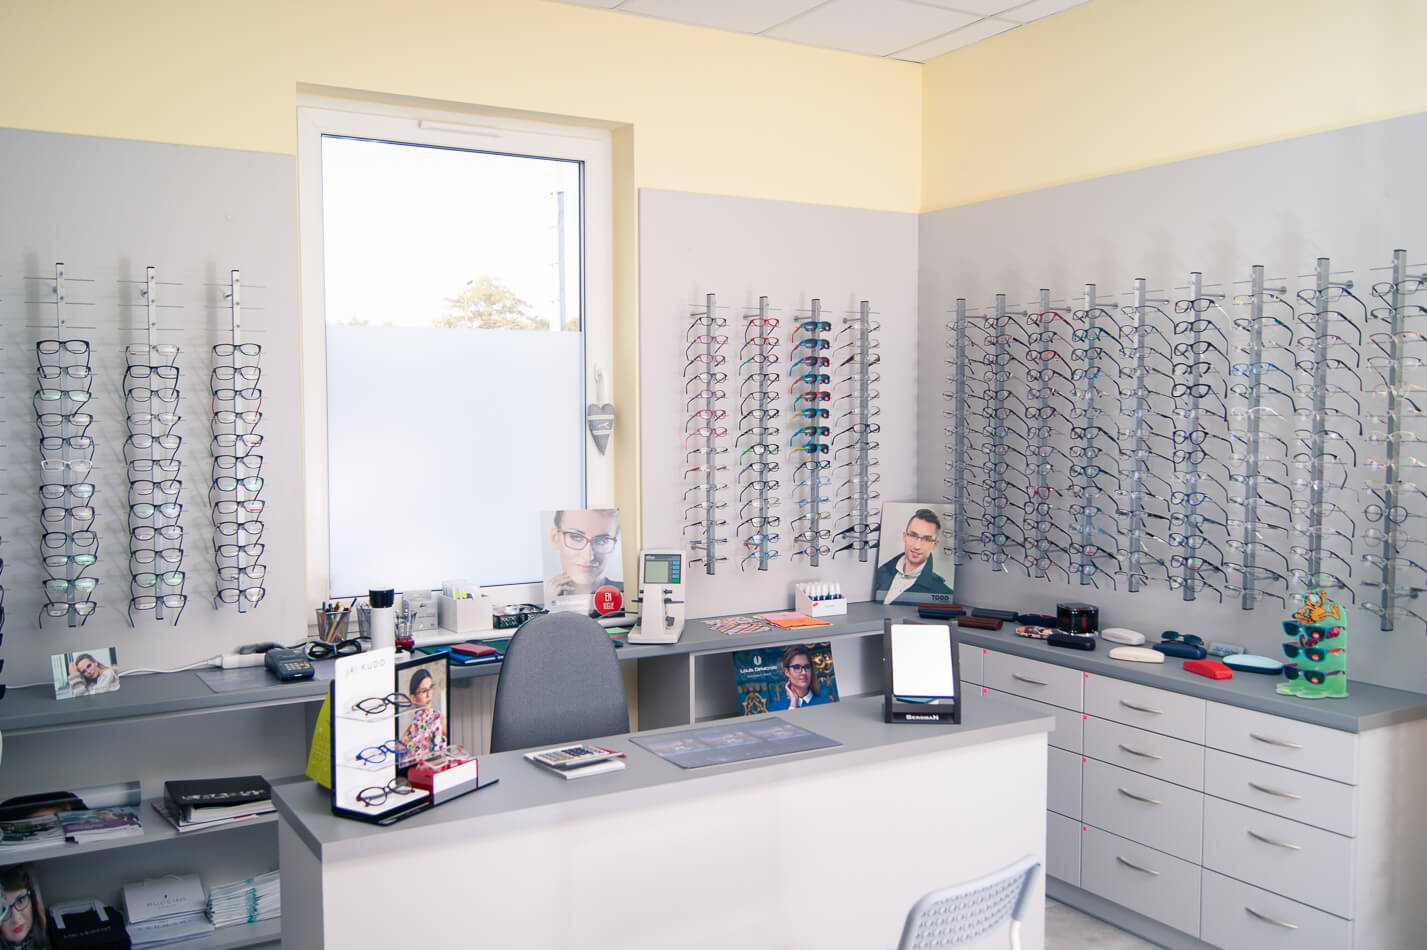 Pracownia optyczna – modne okulary